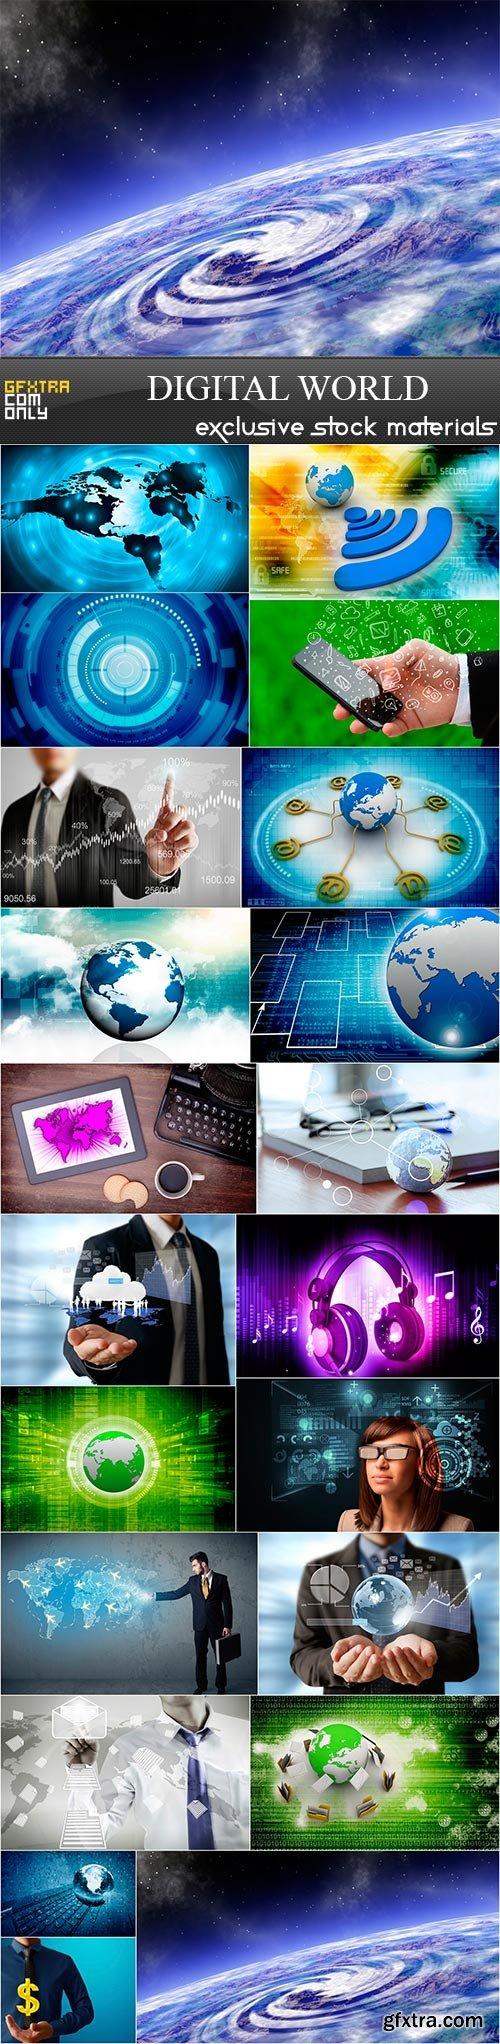 Digital world,21 x UHQ JPEG